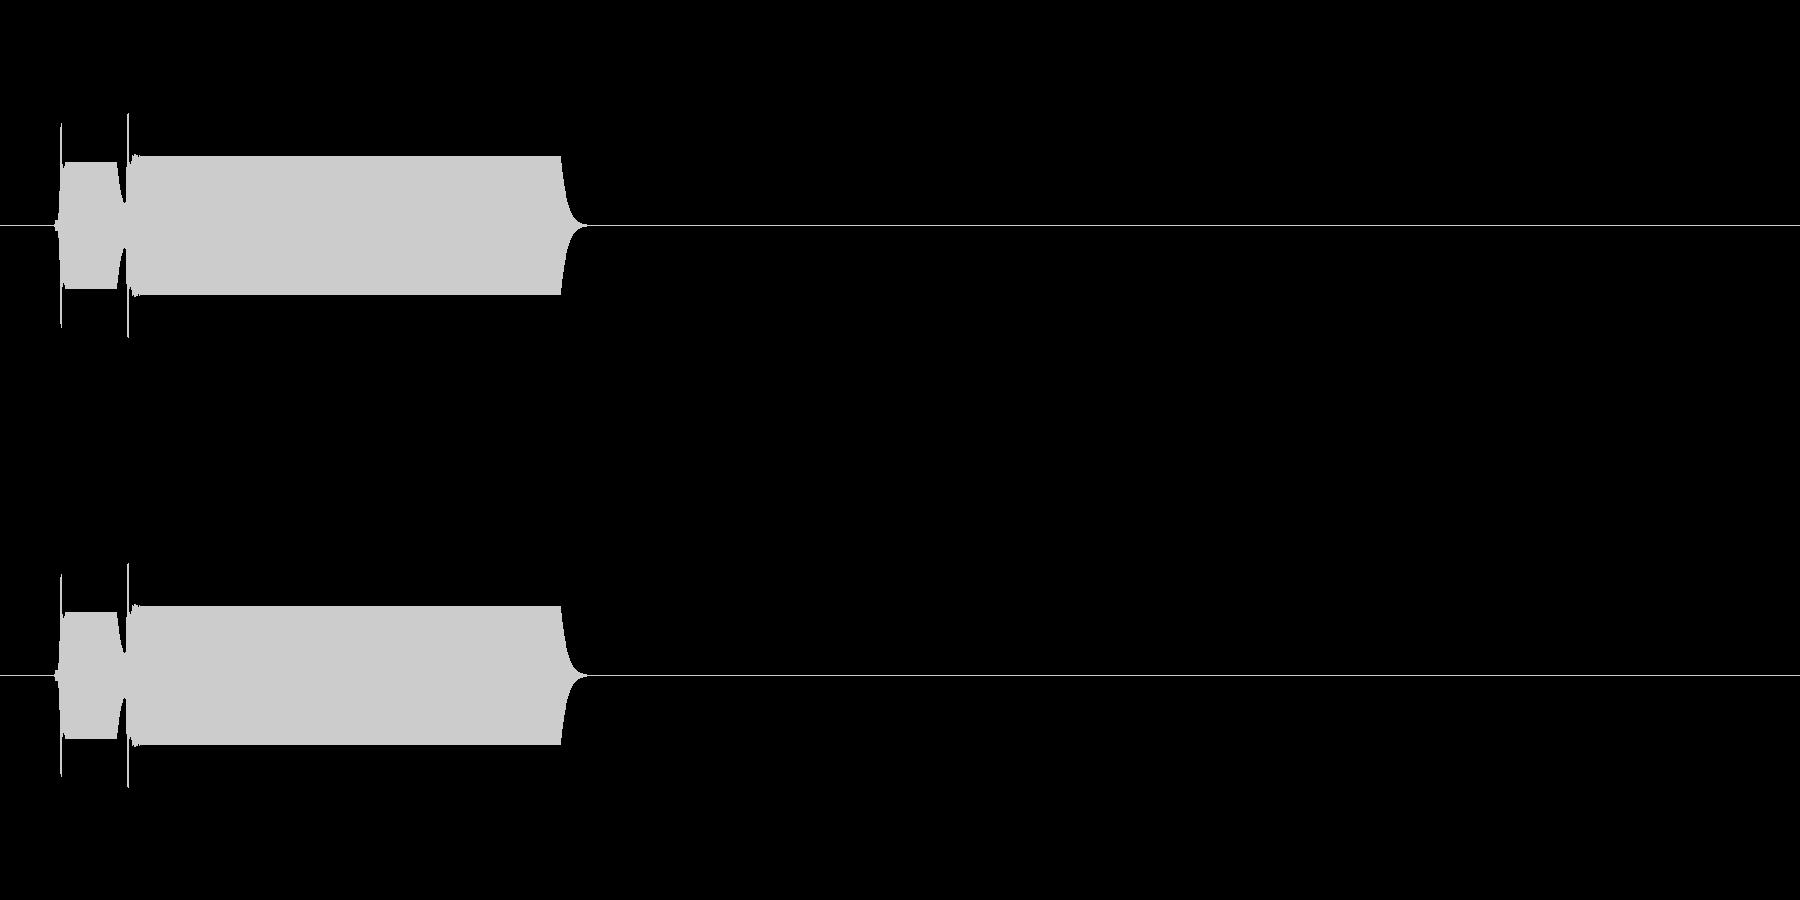 ピコーン/クイズゲームの正解音などにの未再生の波形